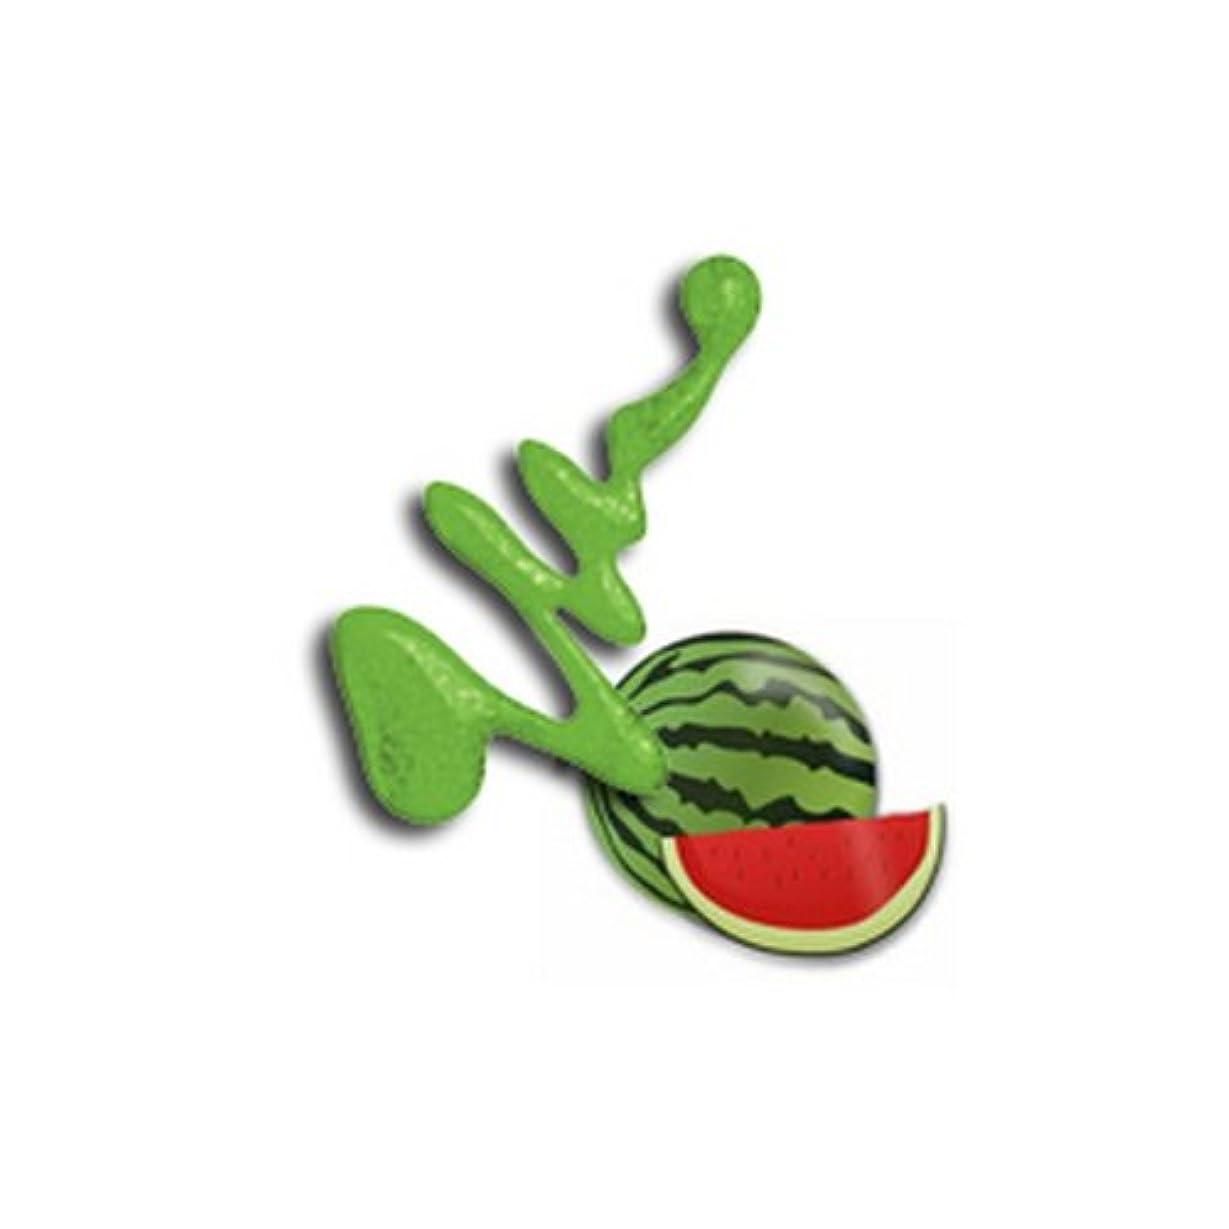 論争的インフルエンザバイナリ(3 Pack) LA GIRL Fruity Scented Nail Polish - Watermelon Splash (並行輸入品)